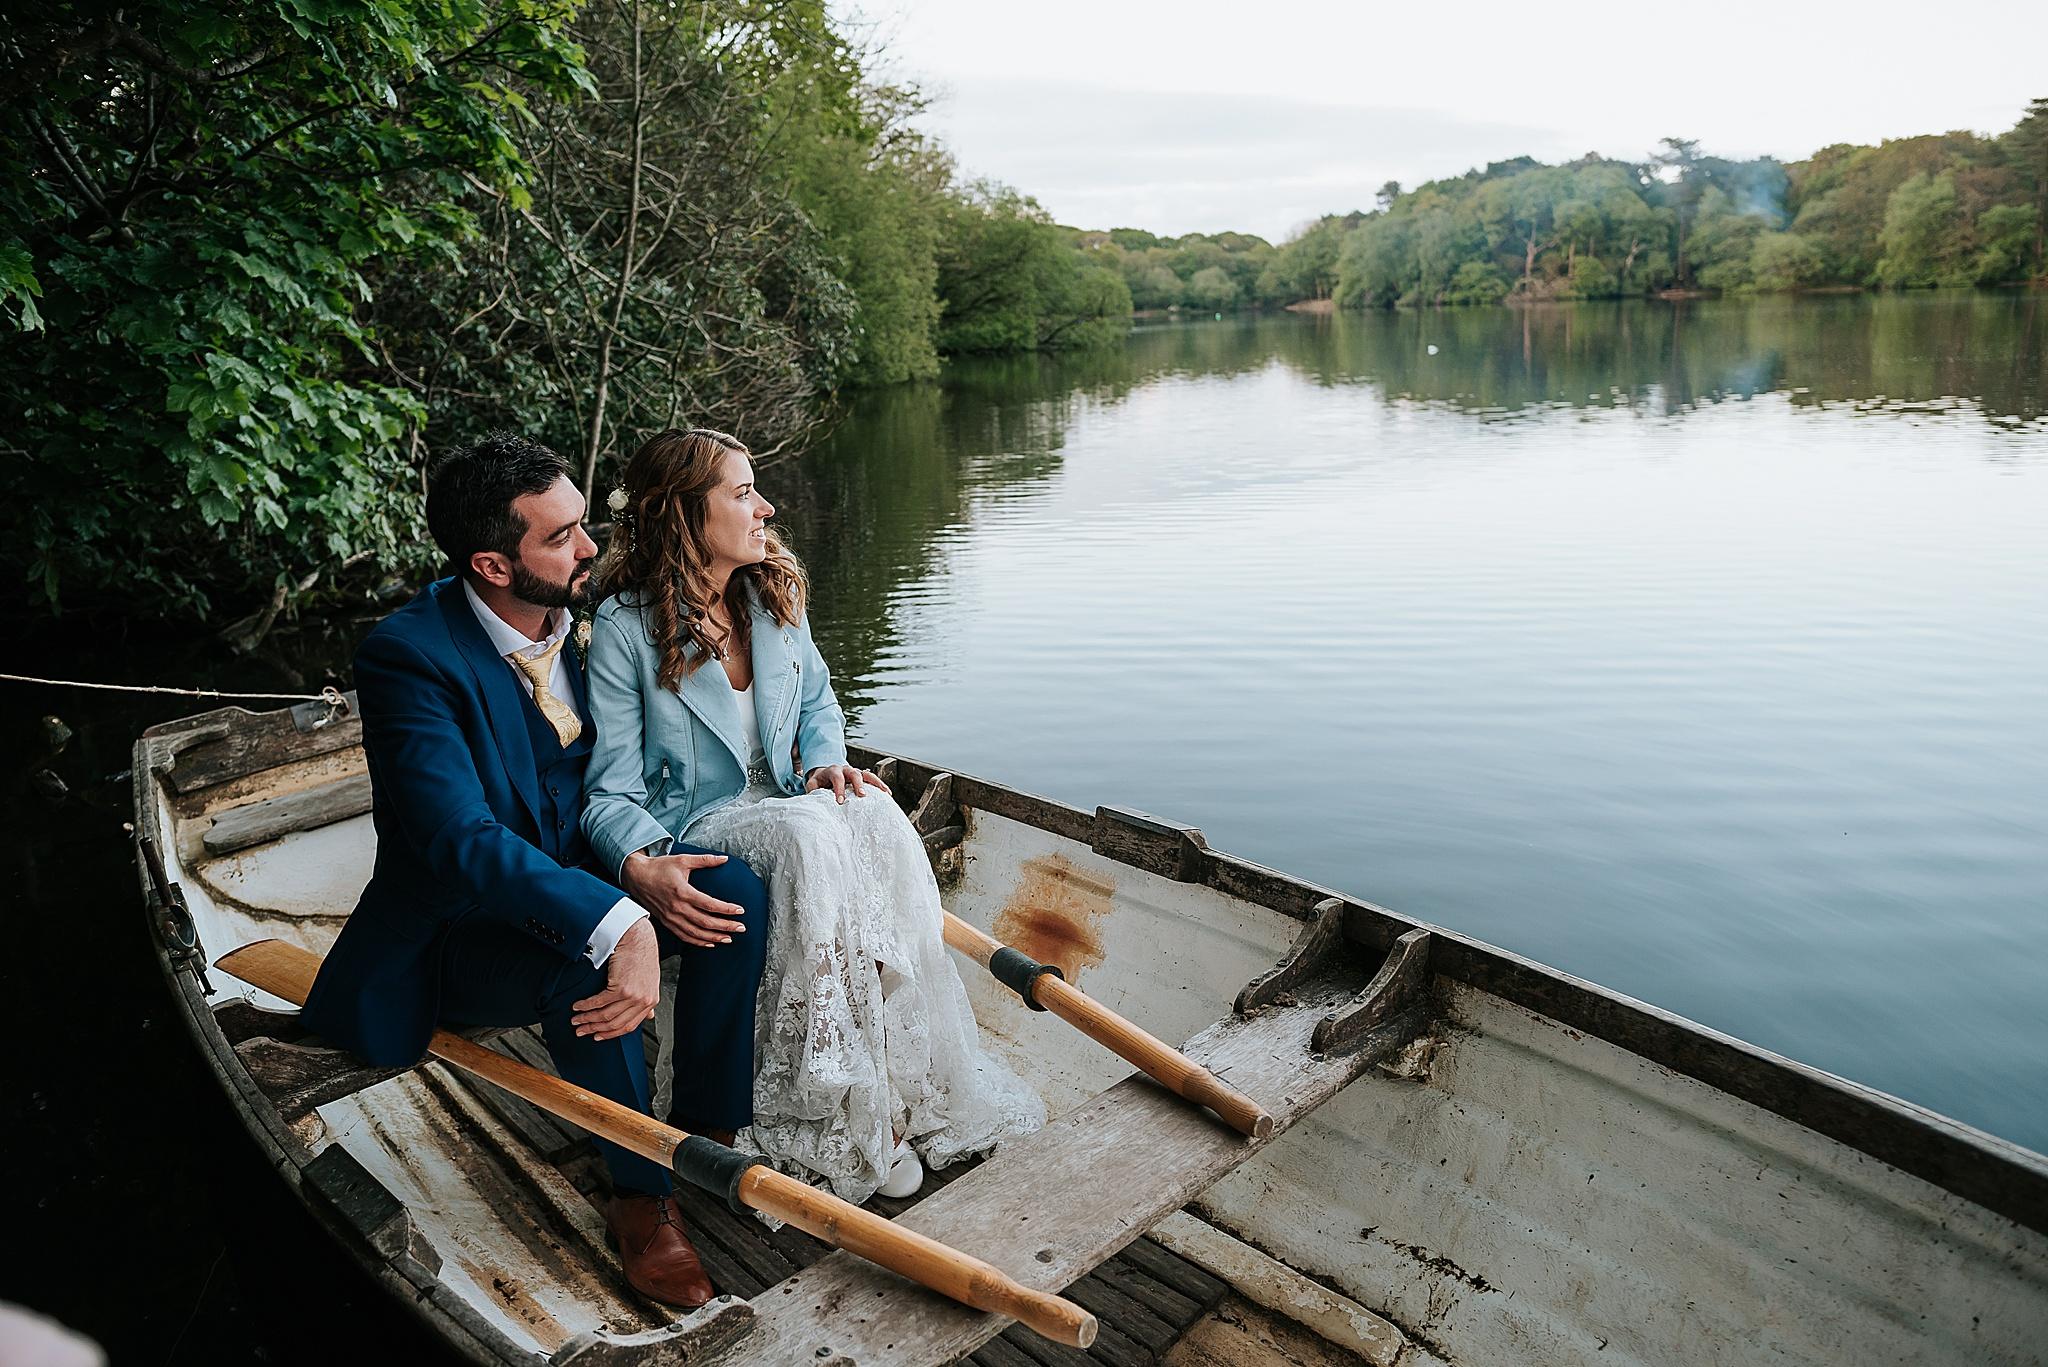 wyresdale park weddings